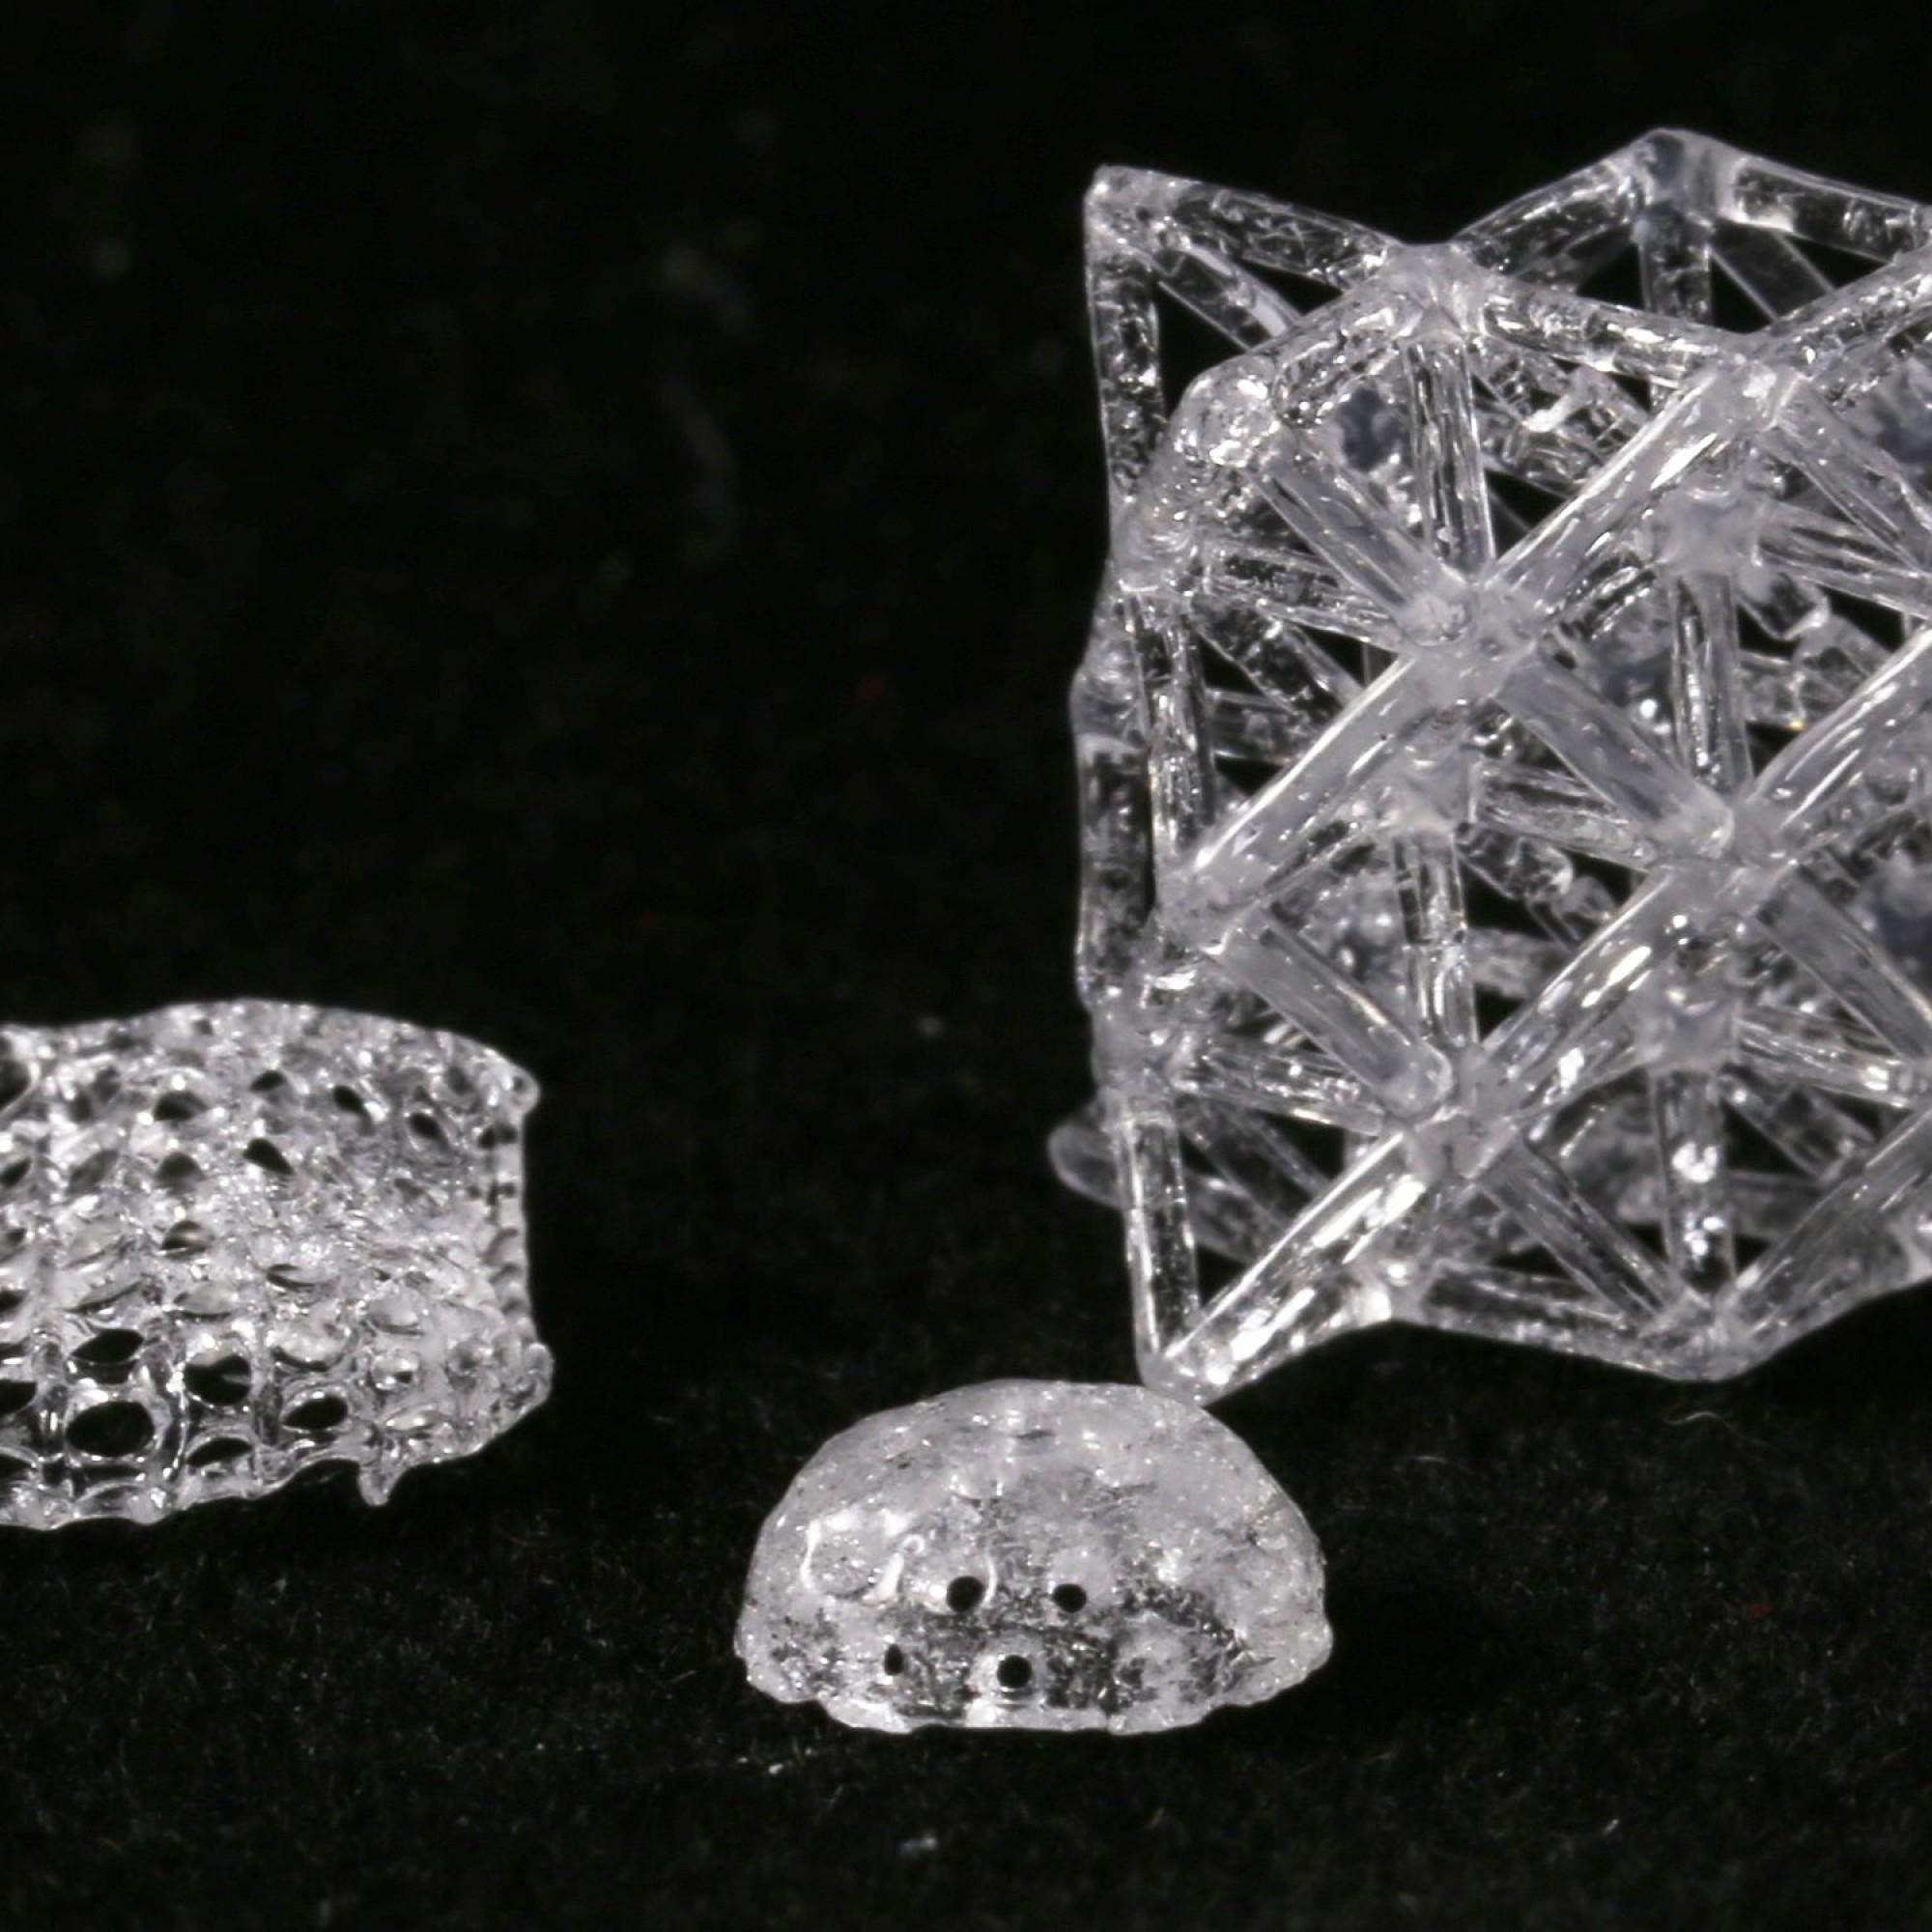 Glasobjekte, die mit einem 3D-Drucker geschaffen wurden.